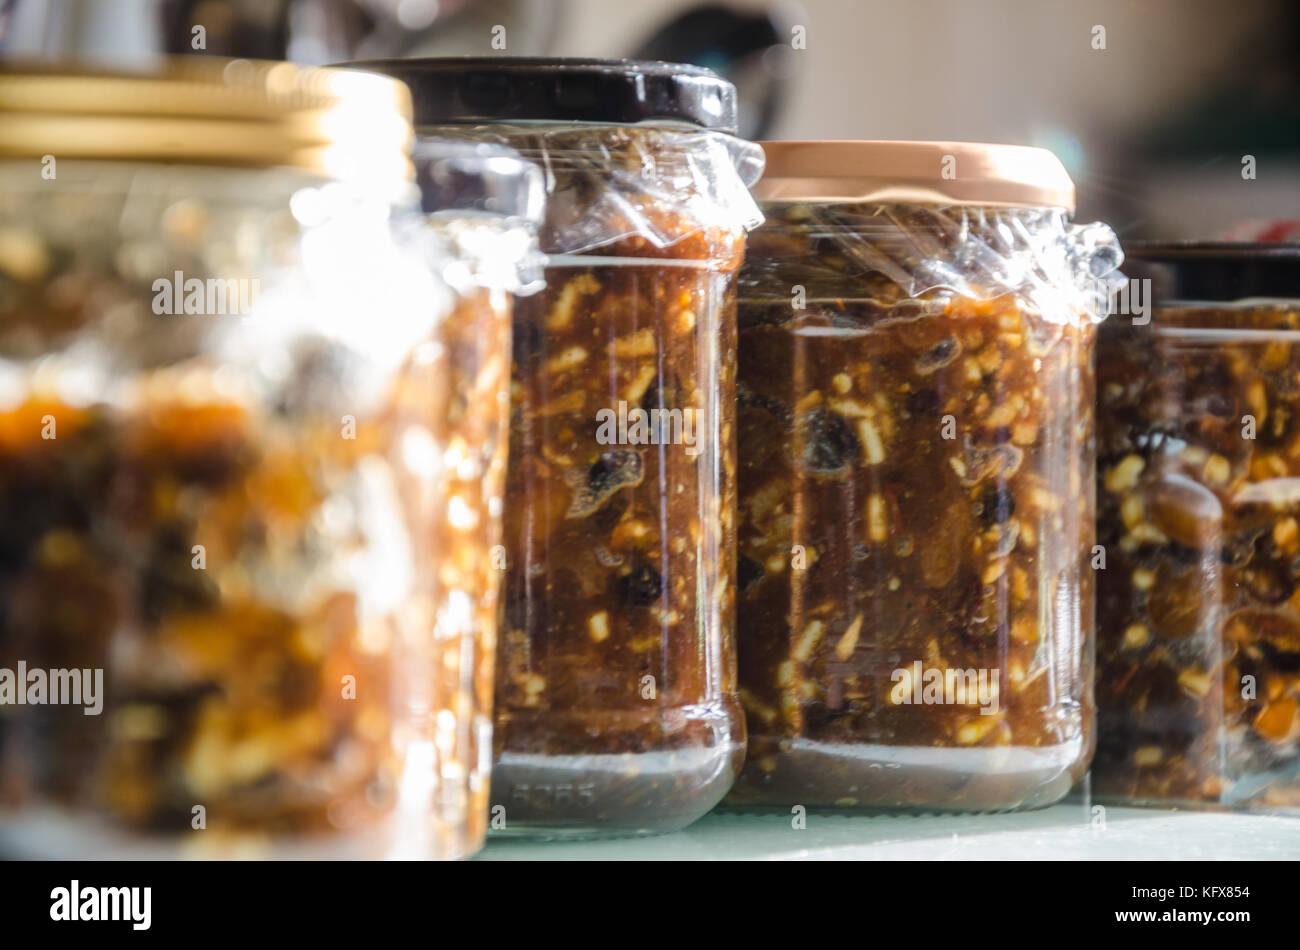 Jar Mincemeat Cake Recipe: Homemade Mincemeat Stock Photos & Homemade Mincemeat Stock